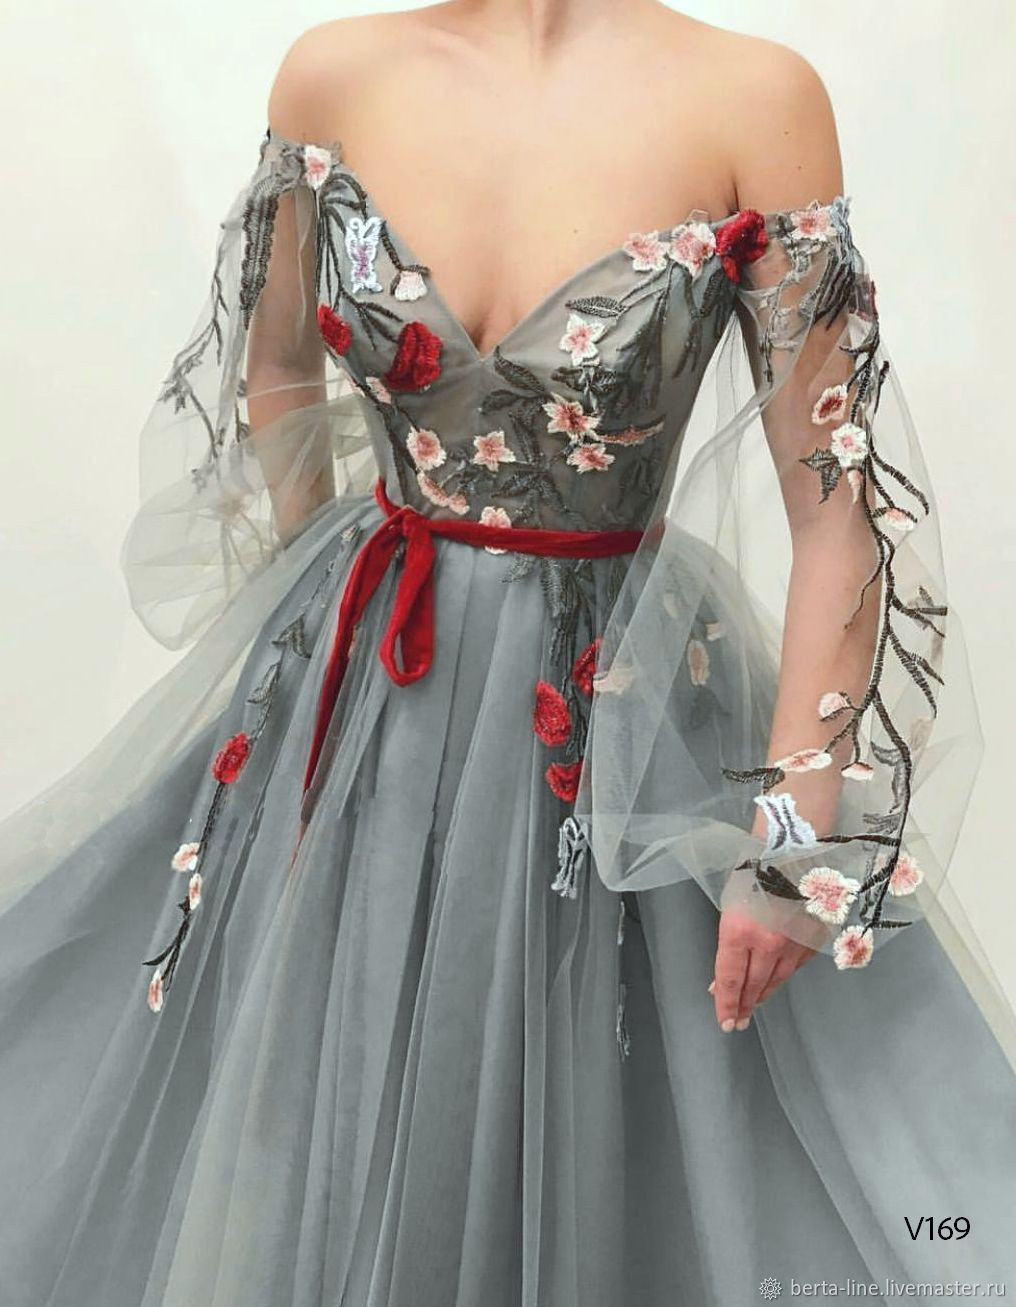 Вечернее платье на выпускной V169, Платья, Москва,  Фото №1